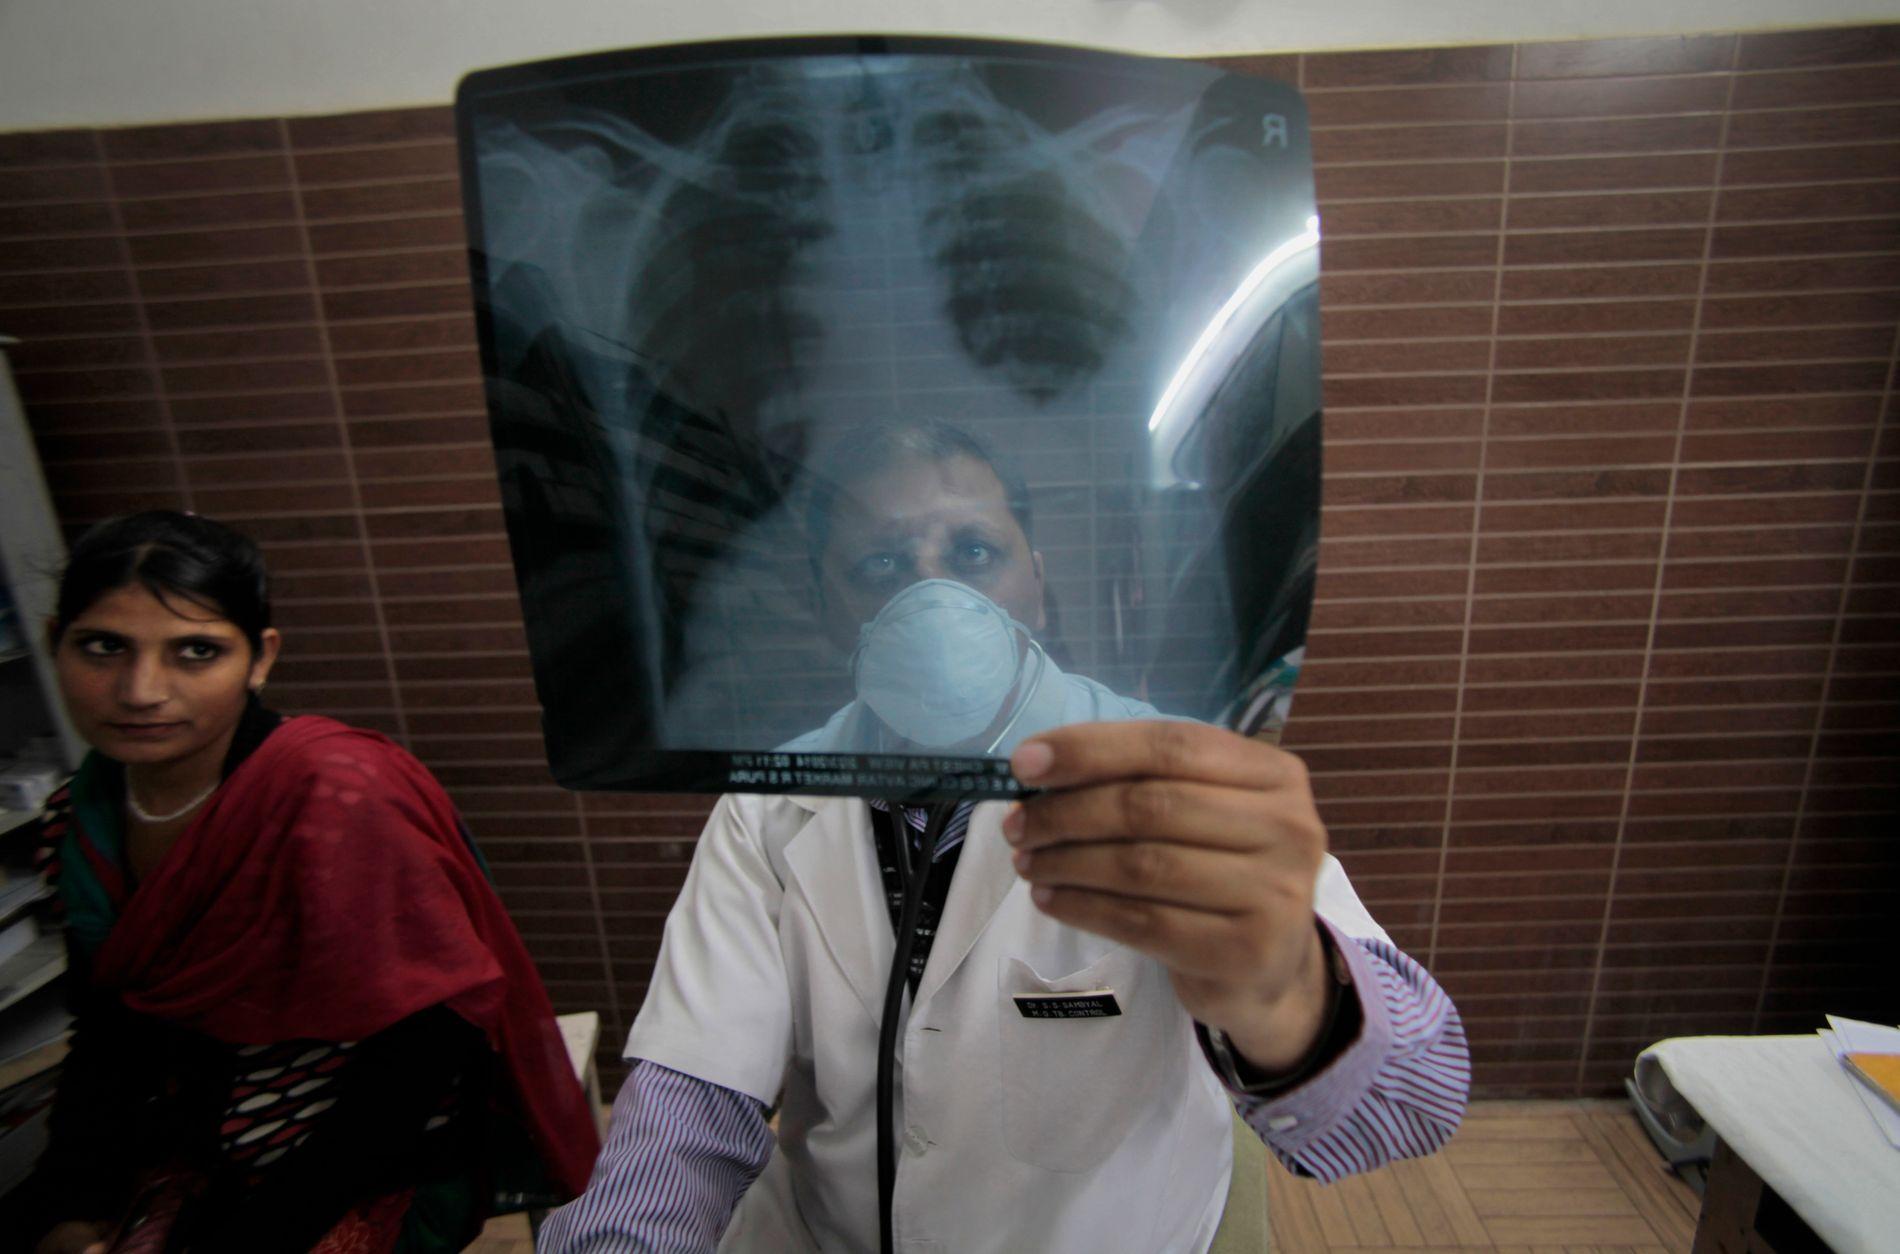 RAMMER LUNGENE: Tuberkulose, tidligere kjent som tæring, er en sjelden sykdom i Norge, men den er fortsatt et stort problem i utviklingsland. I India tar den rundt 300.000 liv hvert år. På bildet ser en indisk lege nærmere på et røntgenbilde av en smittet pasient.